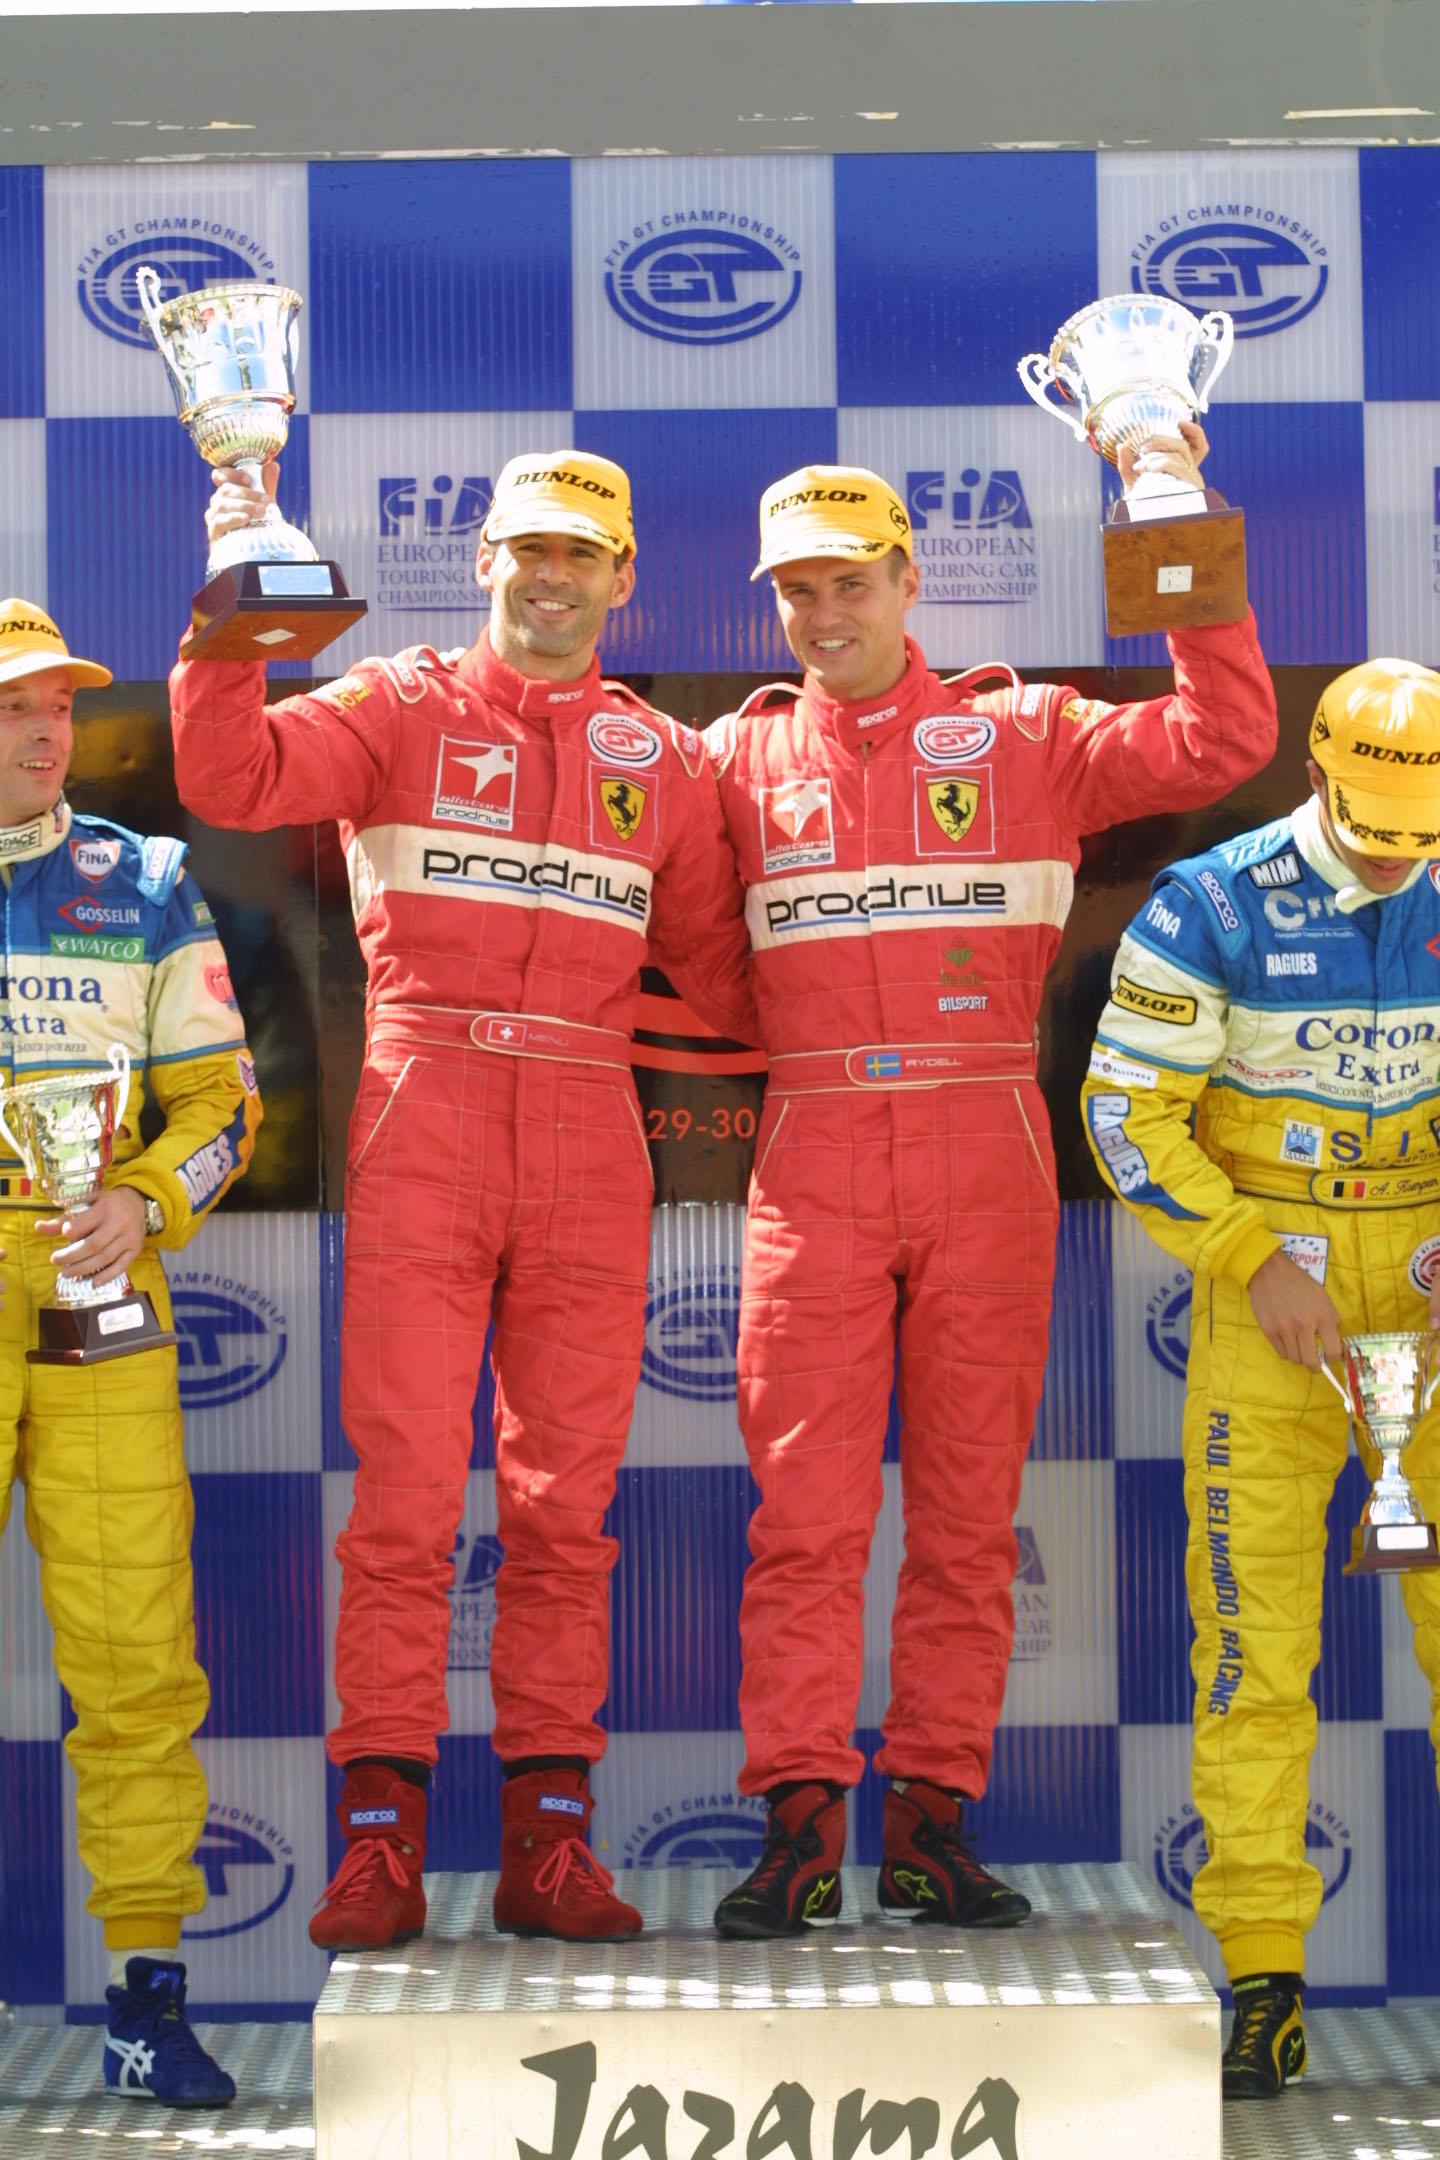 Ferrari Spain podium